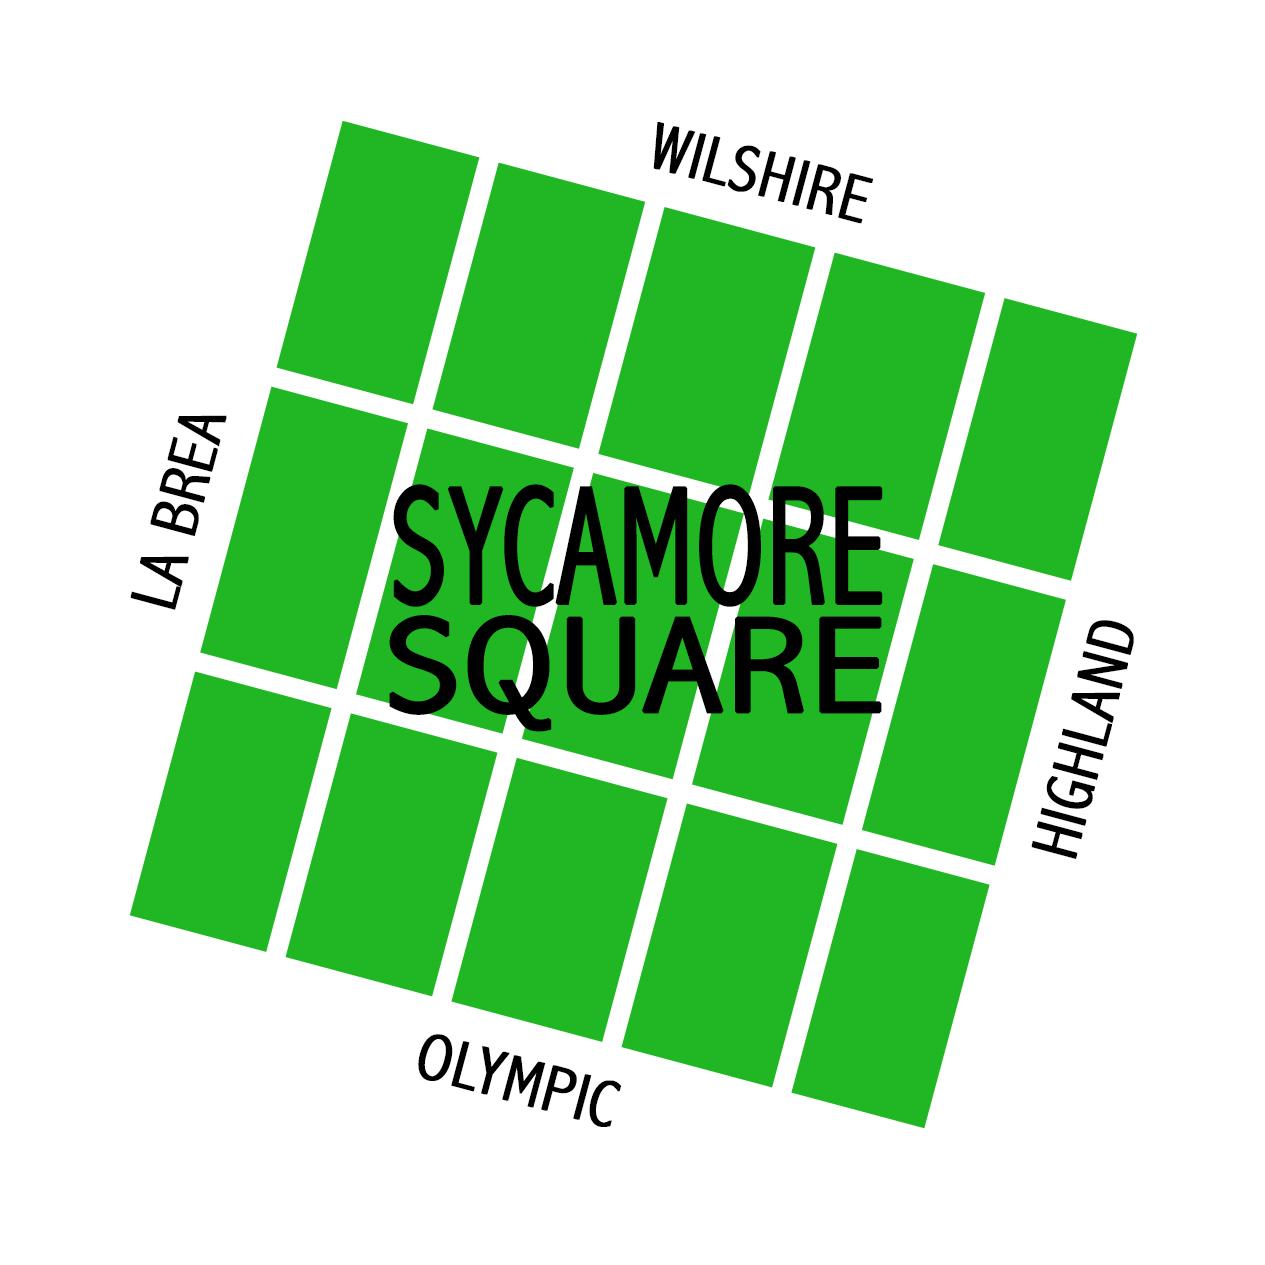 Sycamore square neighborhood association for Sycamore square